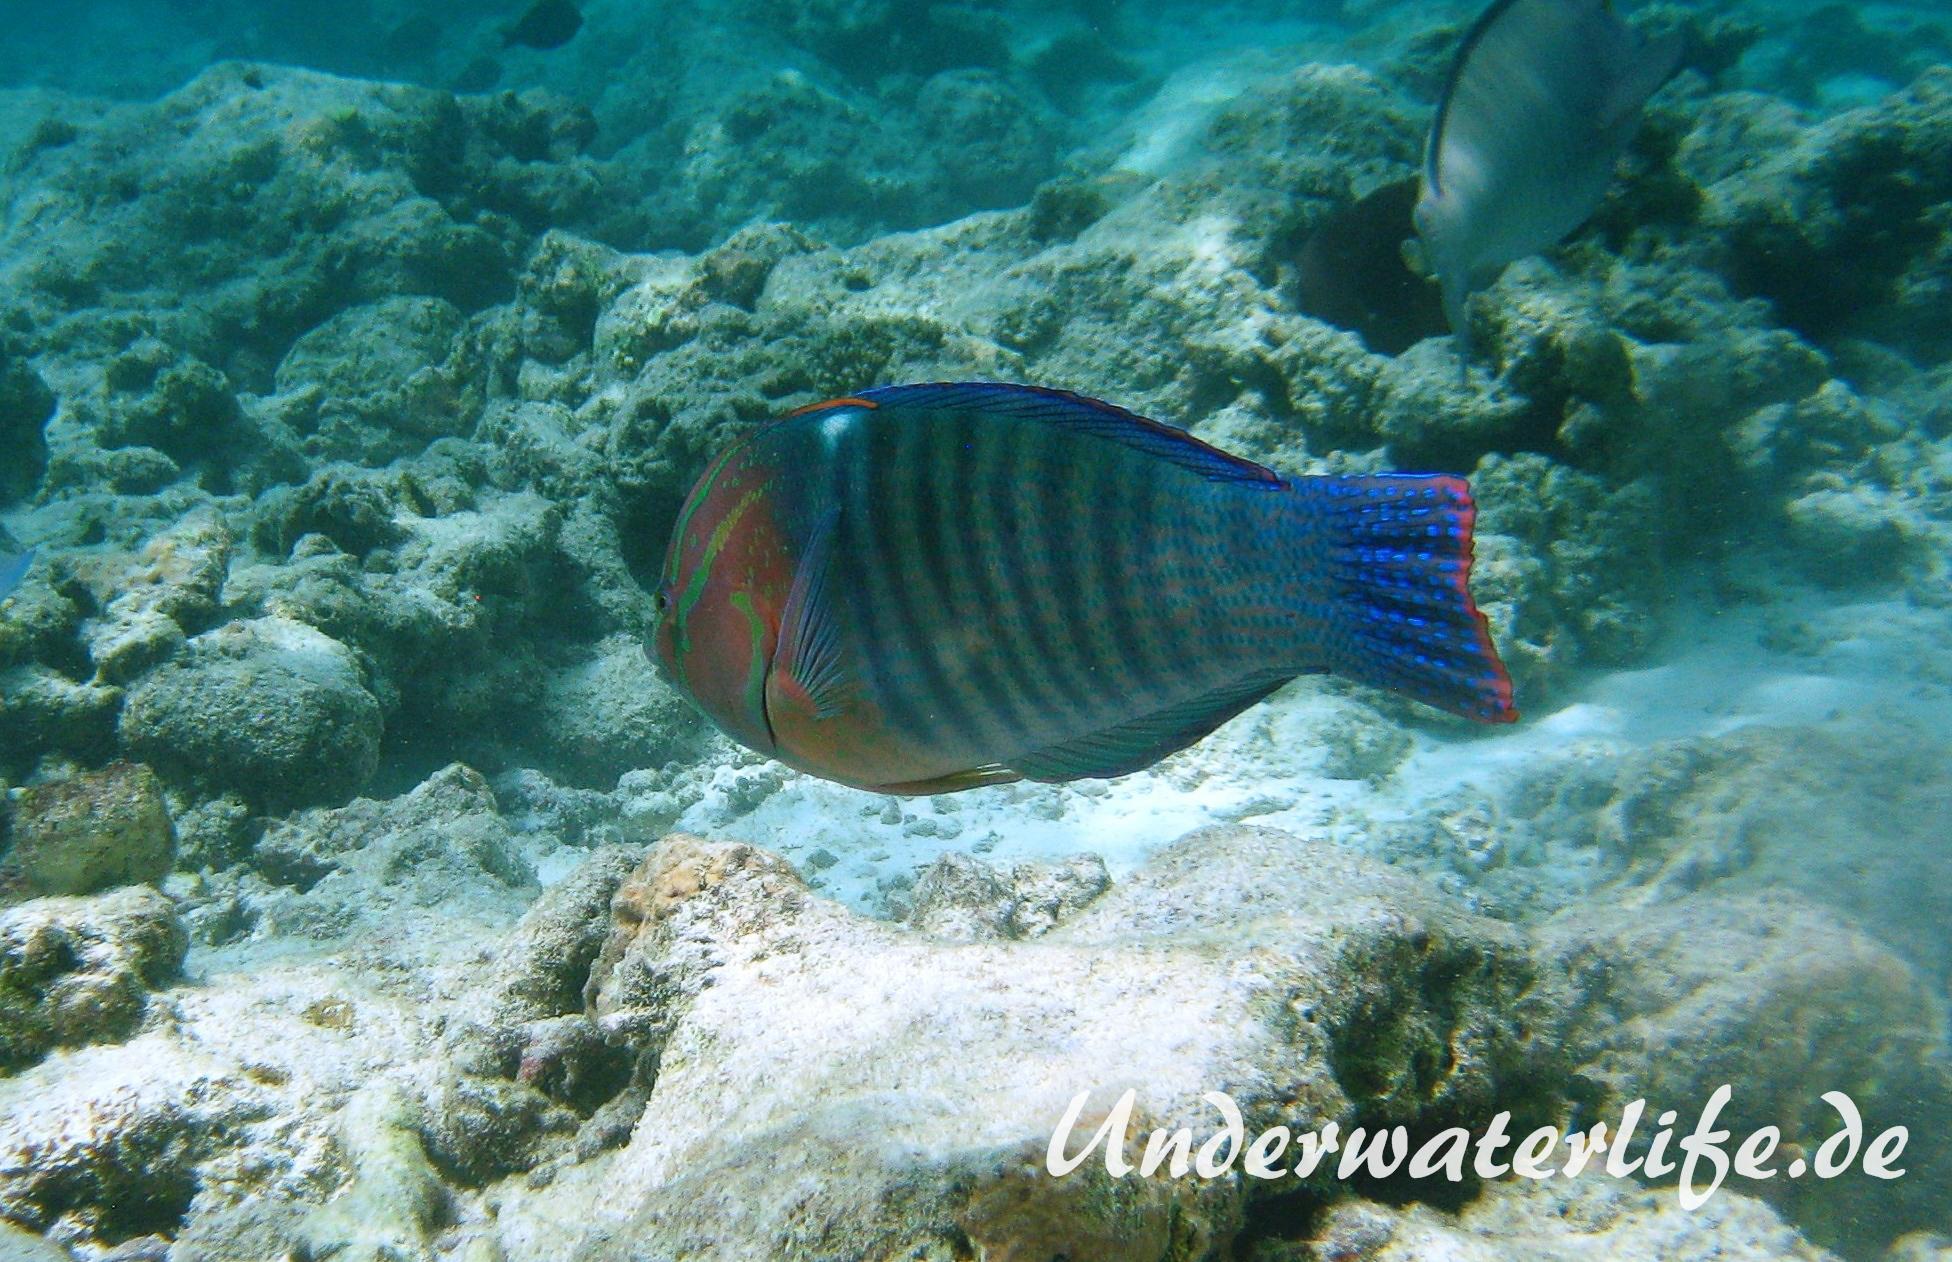 Indischer-Clown-Junker_adult-Maennchen-Malediven-2013-02